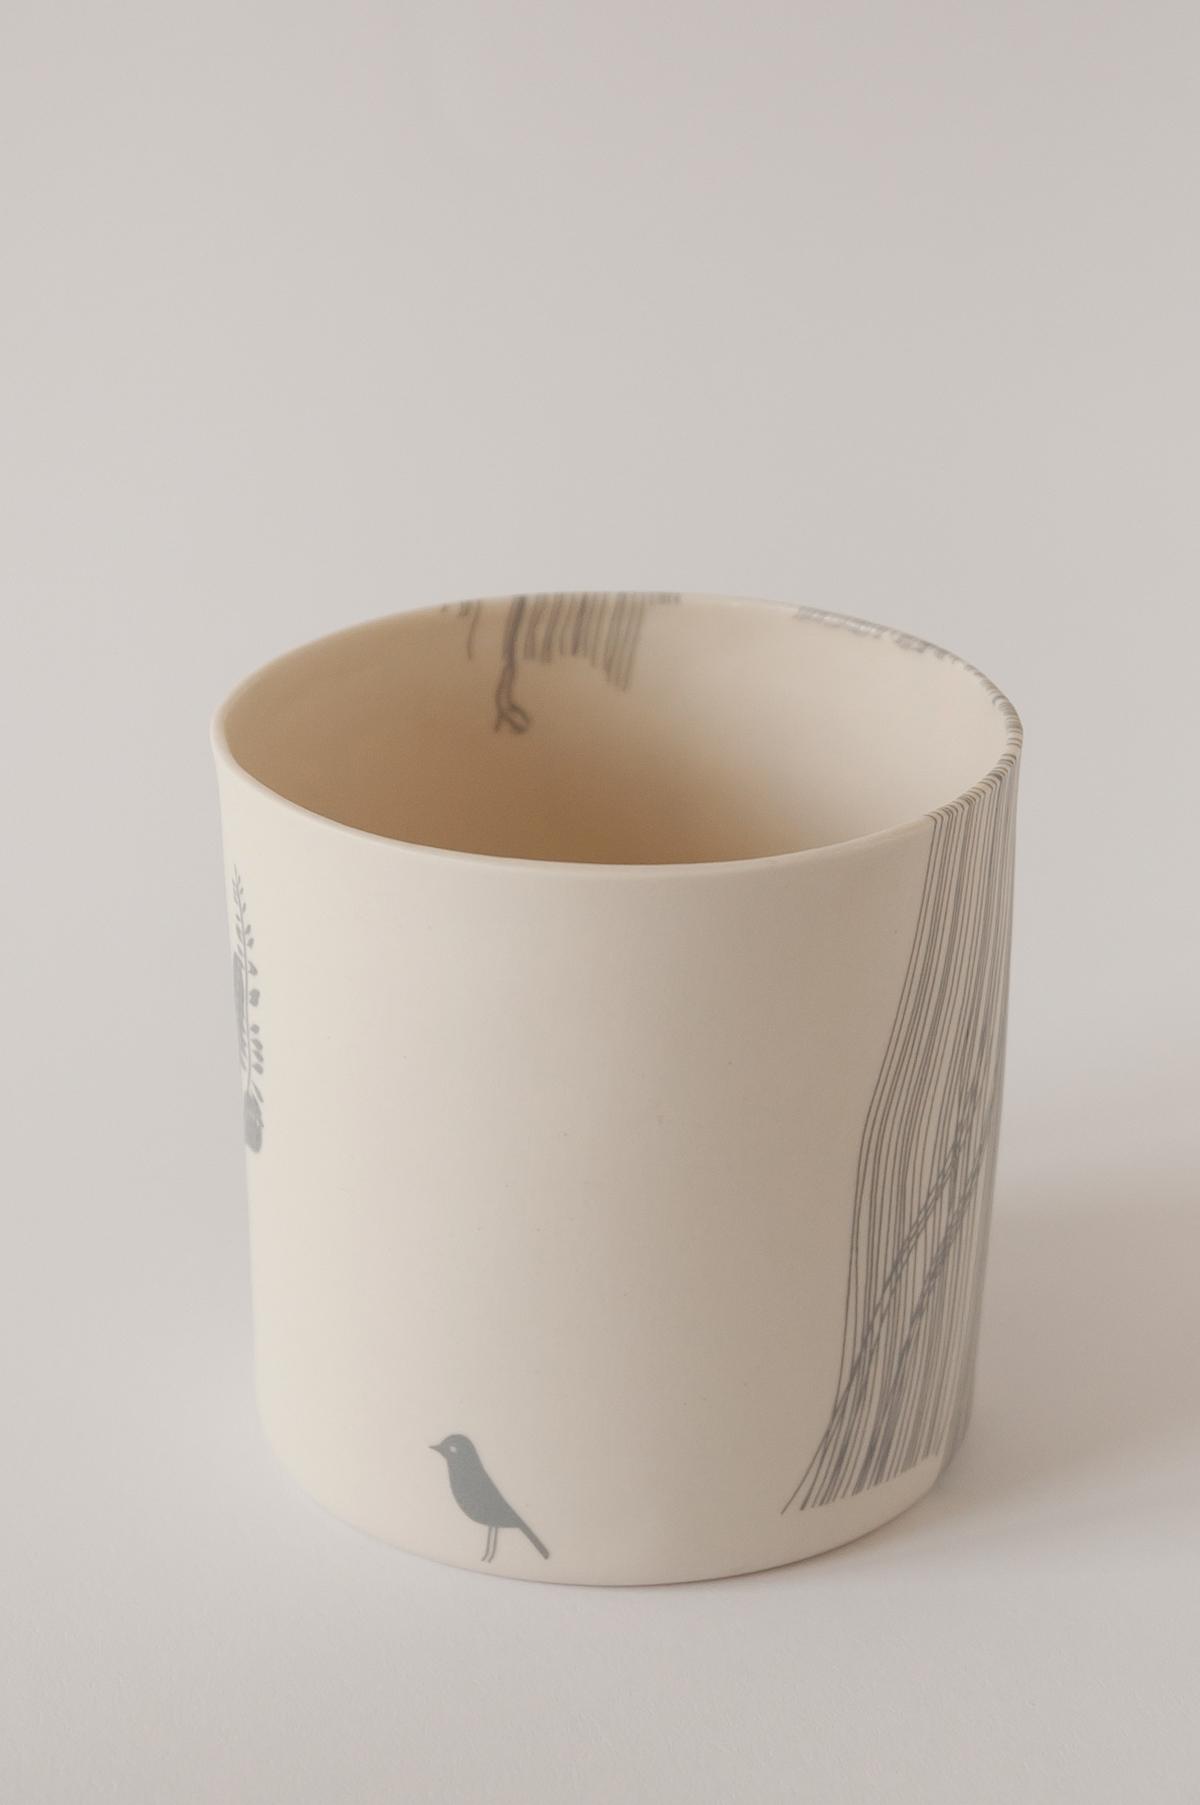 illustrated ceramic vase with bird